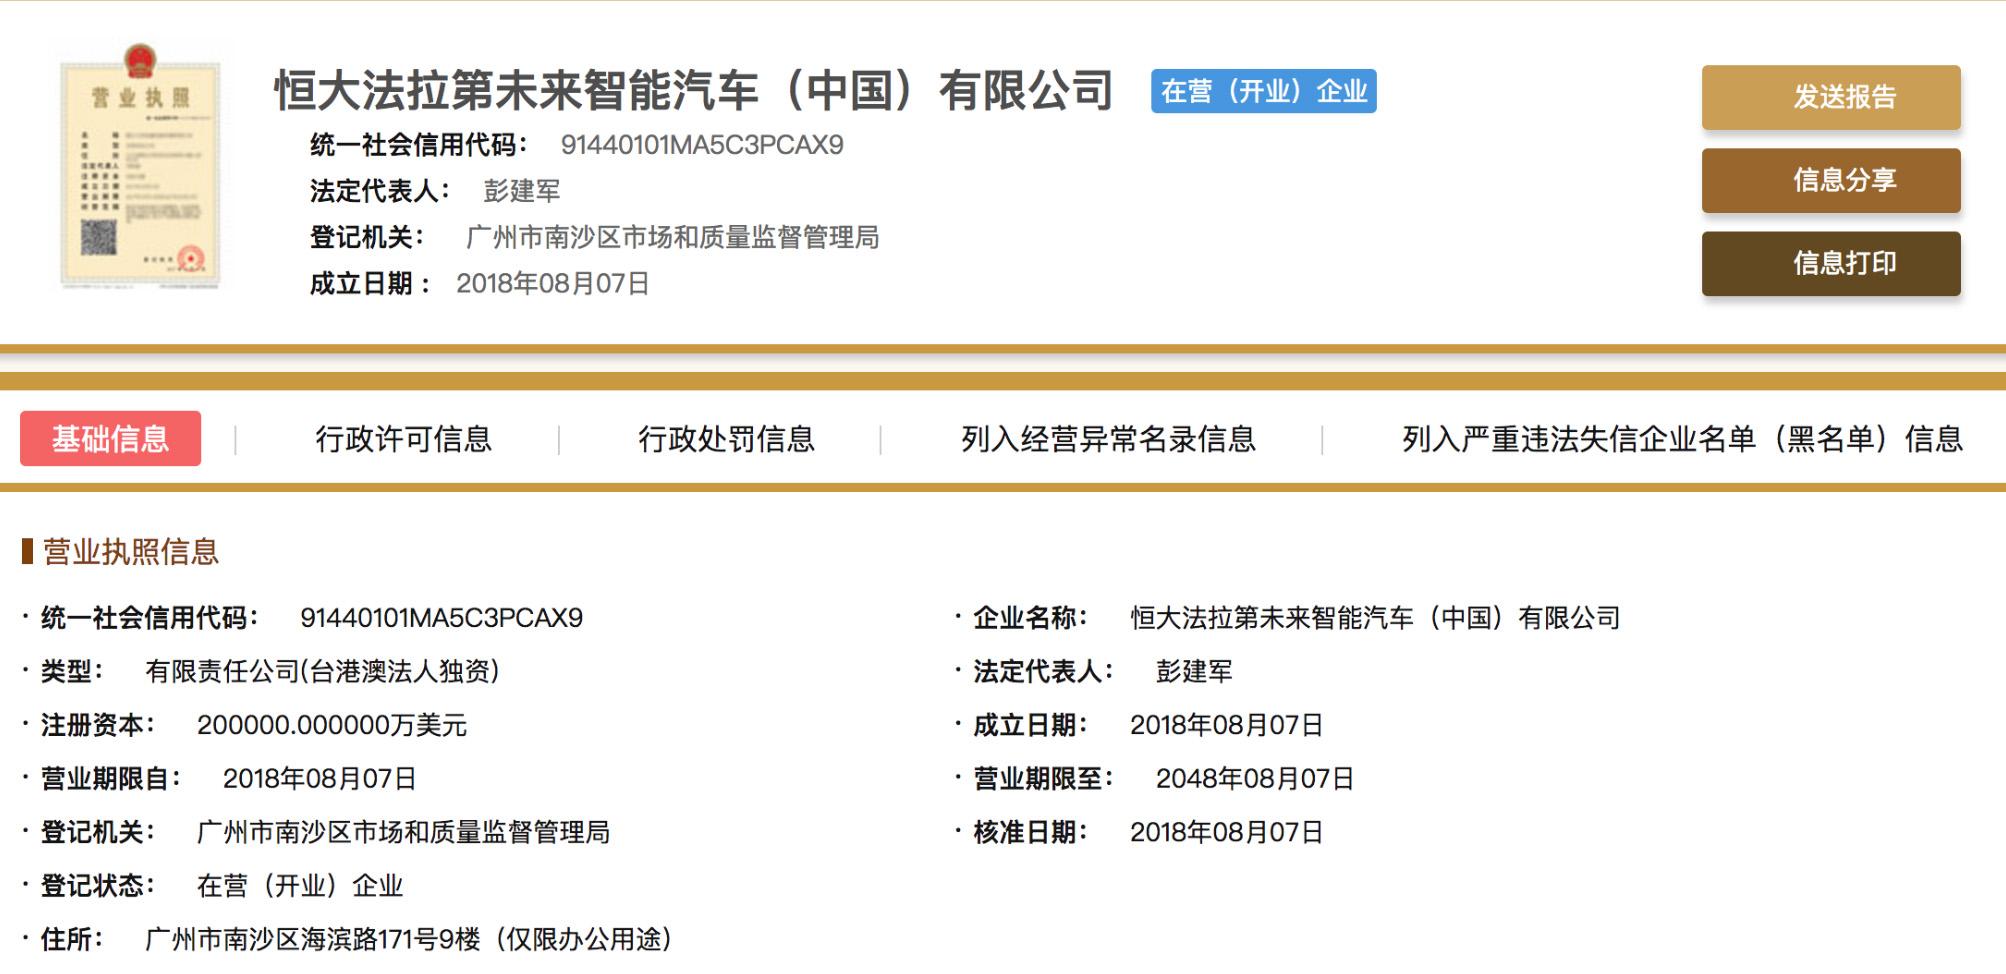 恒大法拉第中国公司落户广州南沙:注册资本20亿美元